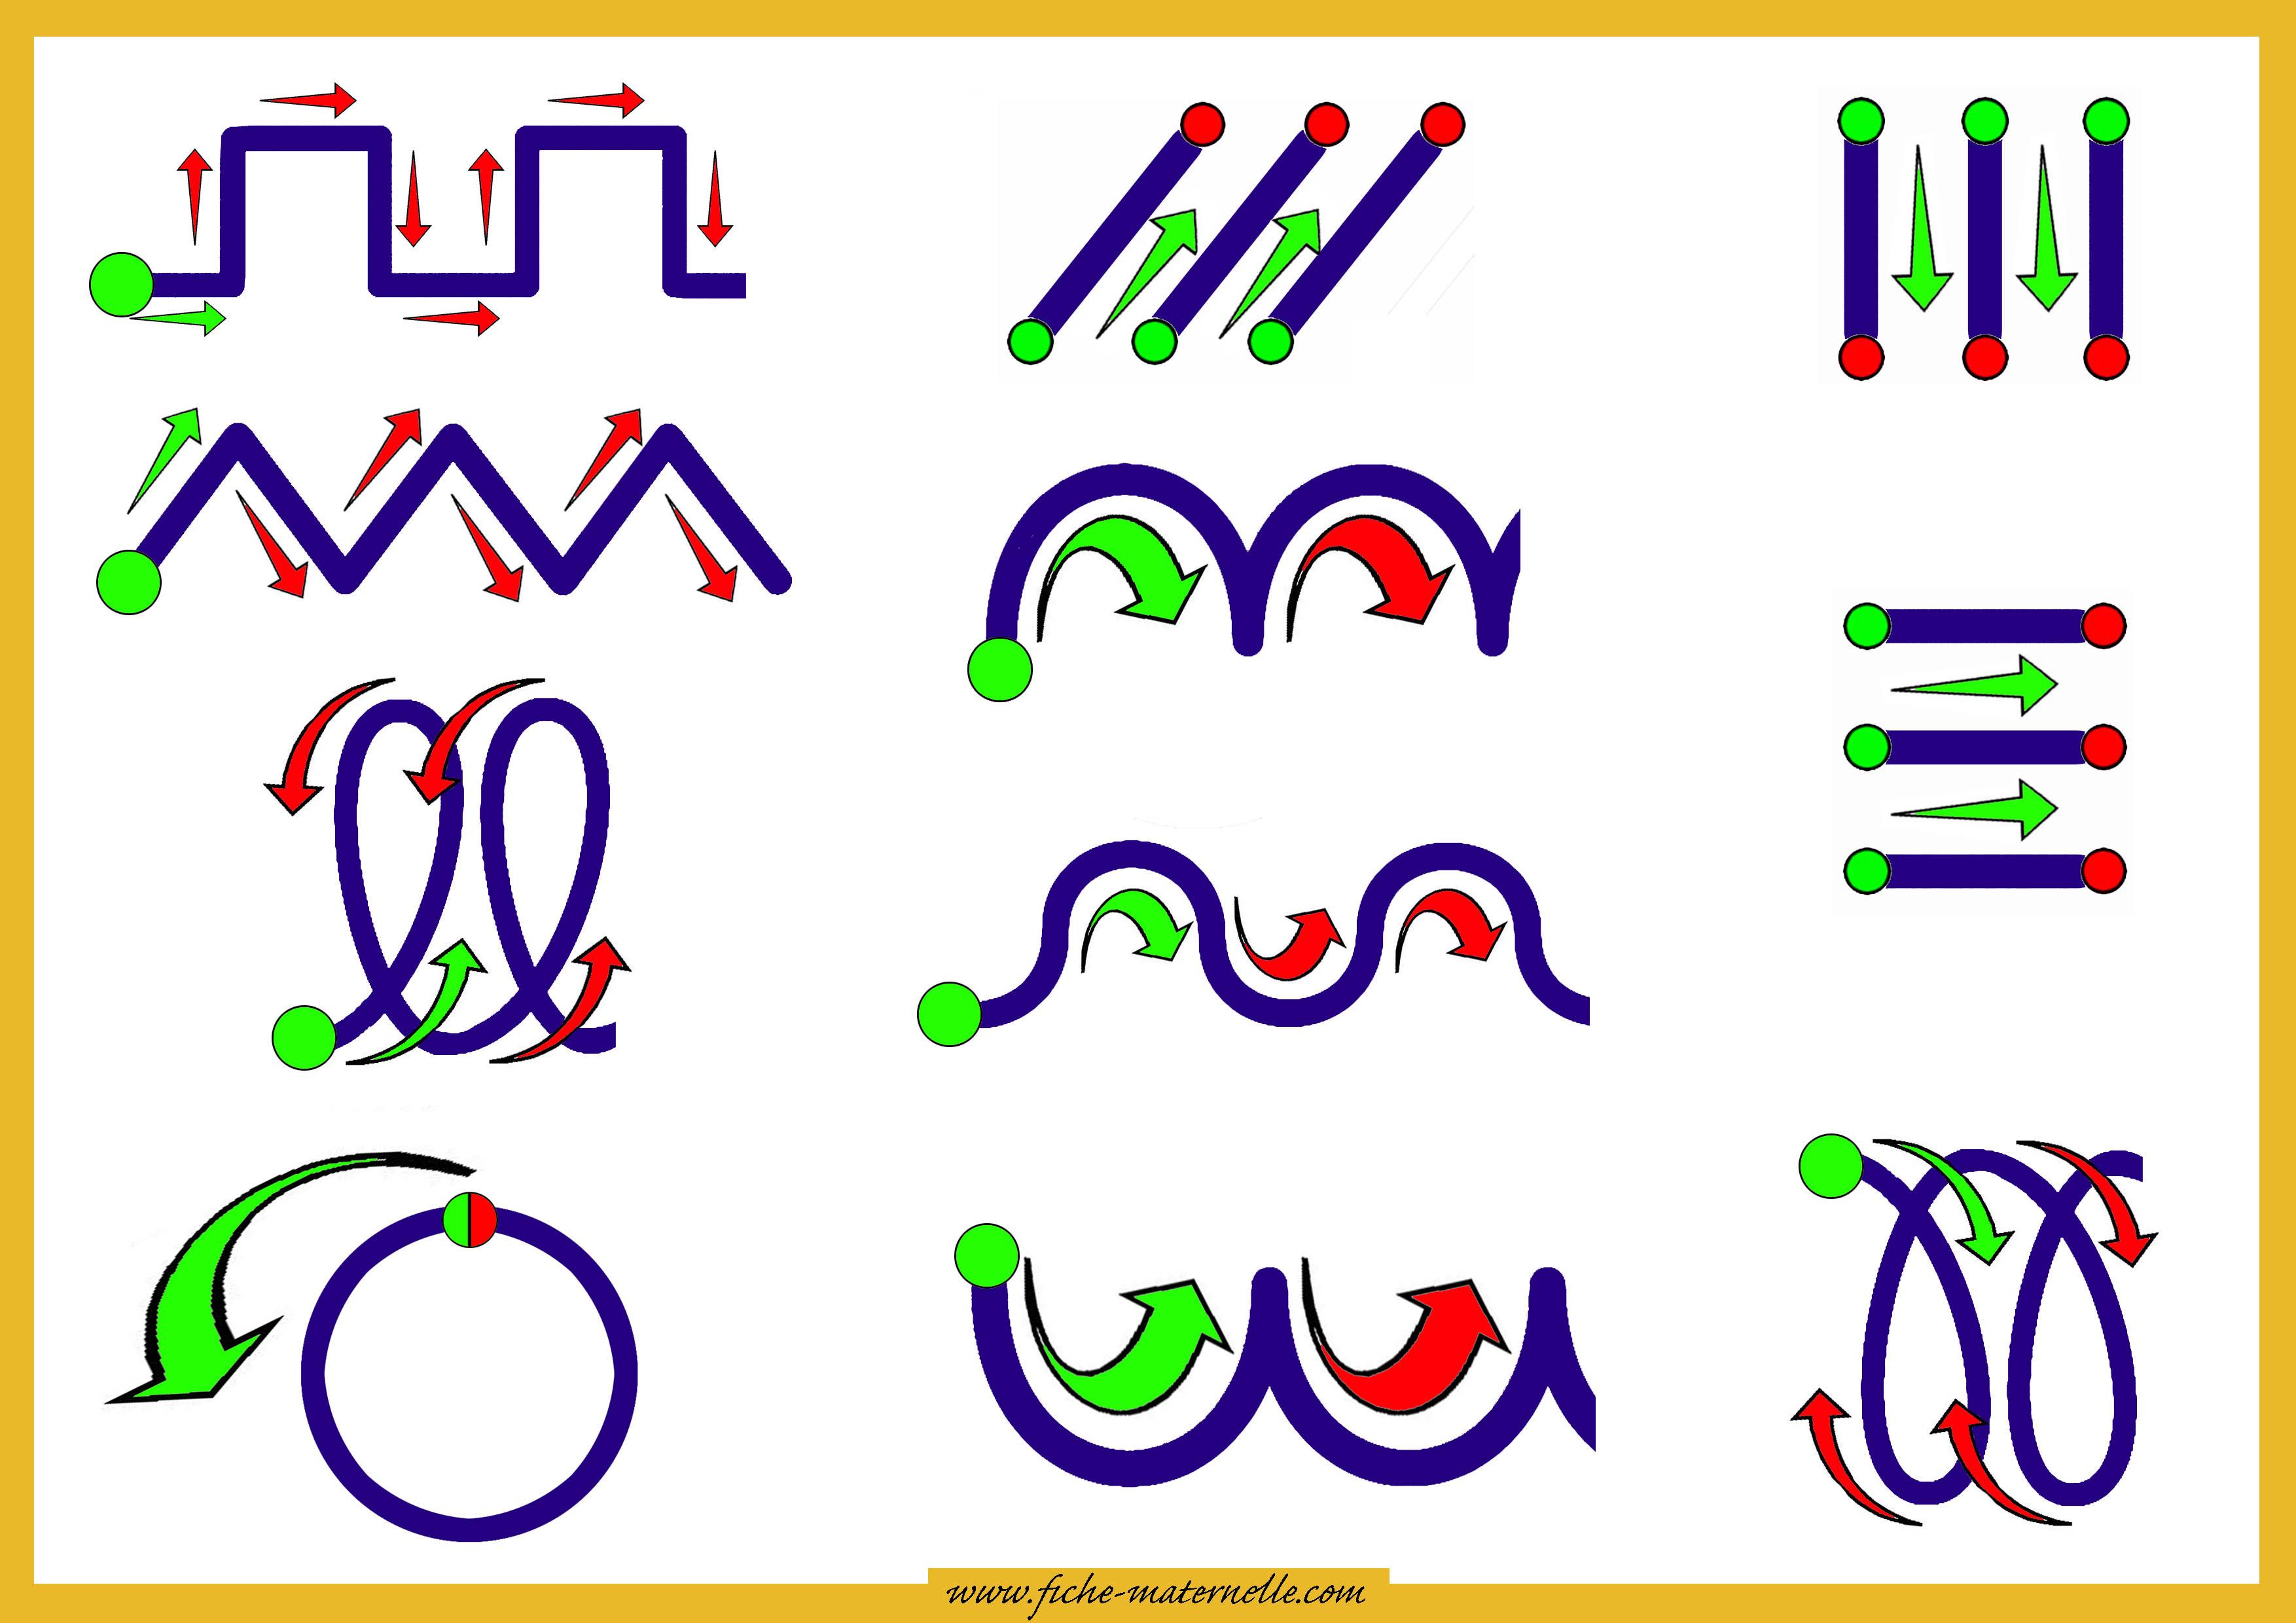 Pictogramme gratuit maternelle ed31 montrealeast - Alphabet francais maternelle ...